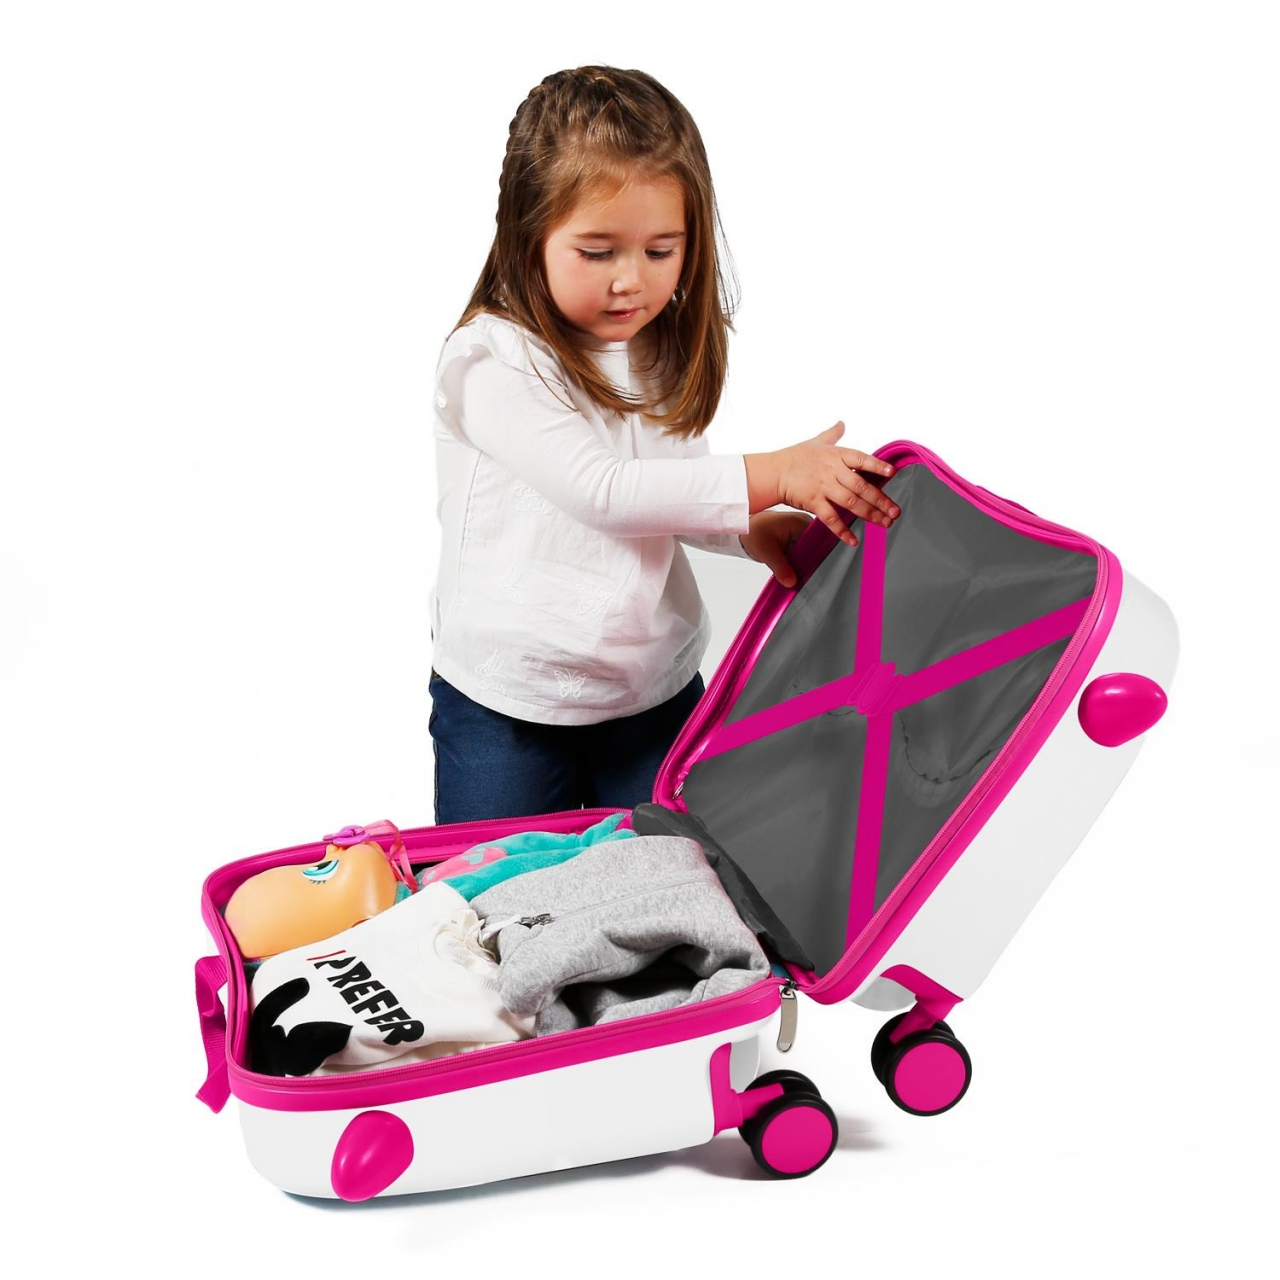 Maleta infantil 2 ruedas multidireccionales Enso Trust